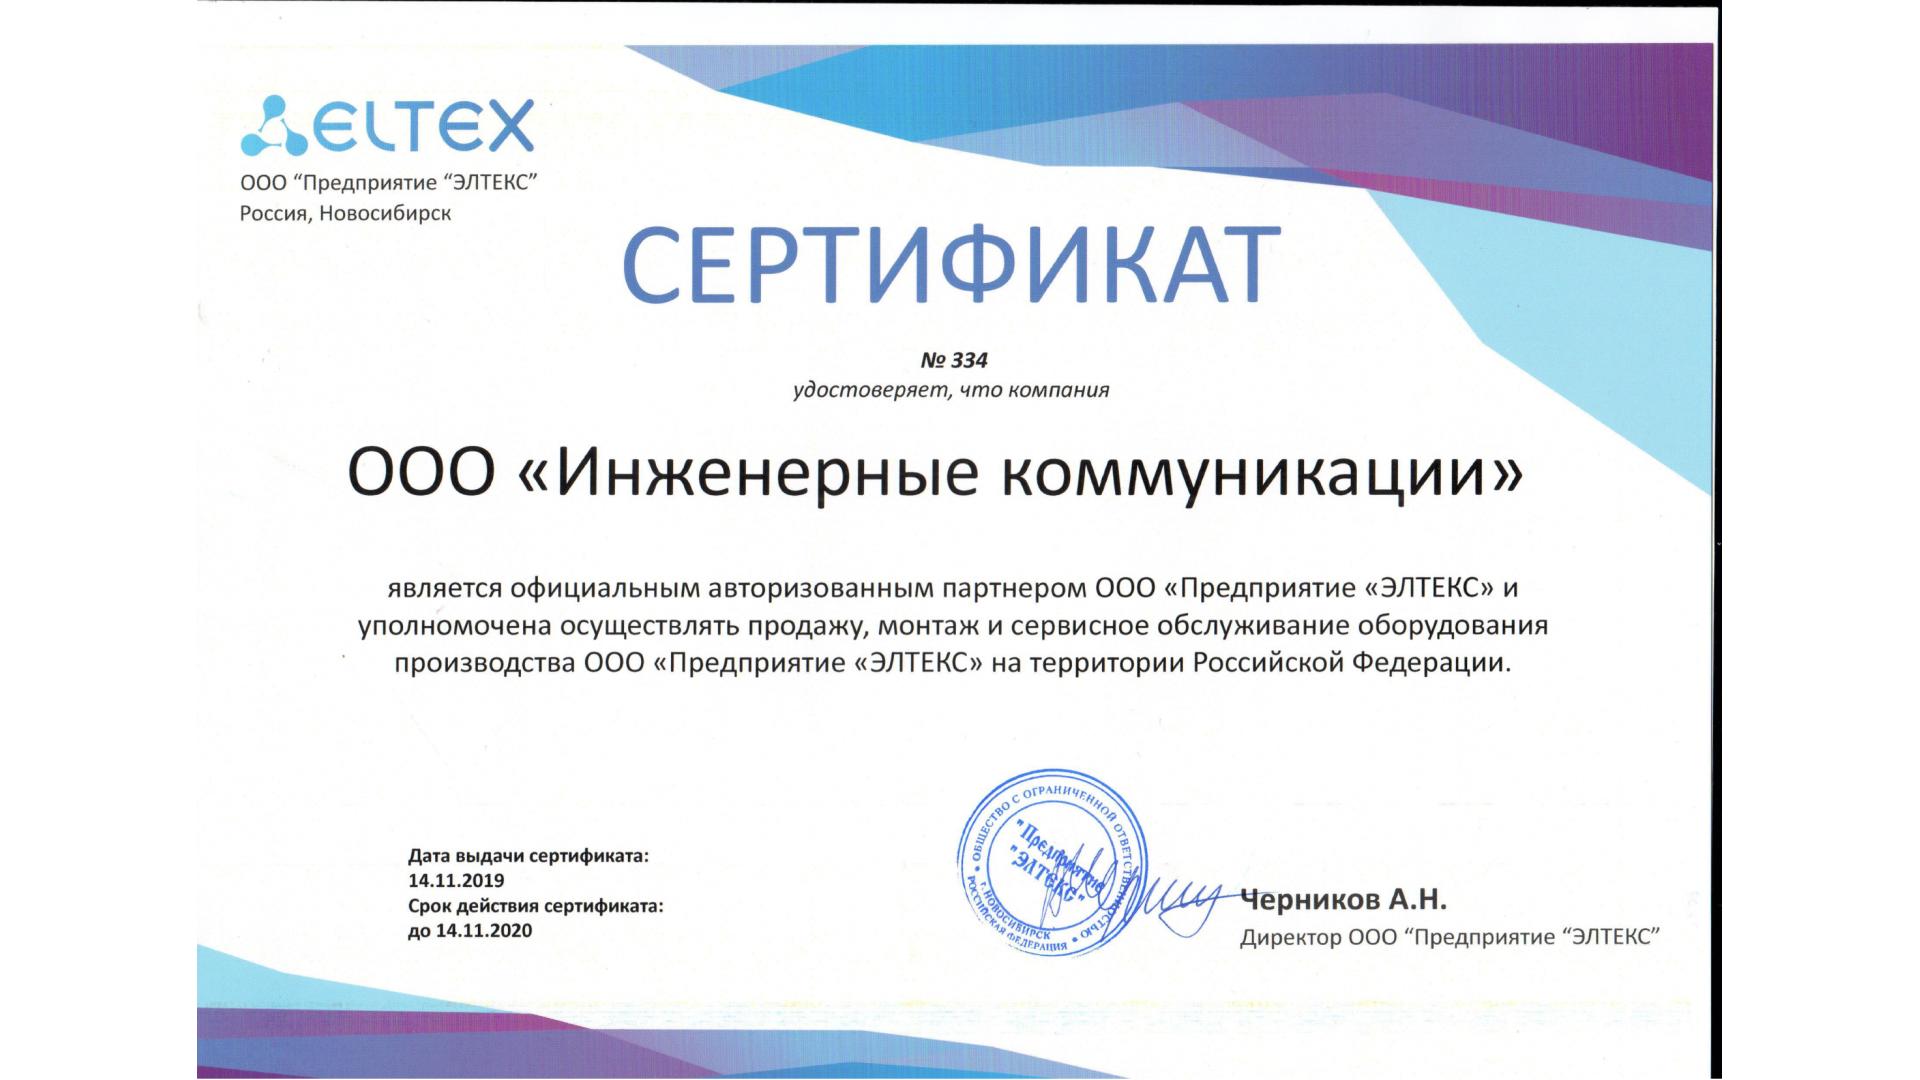 Сертификат Eltex